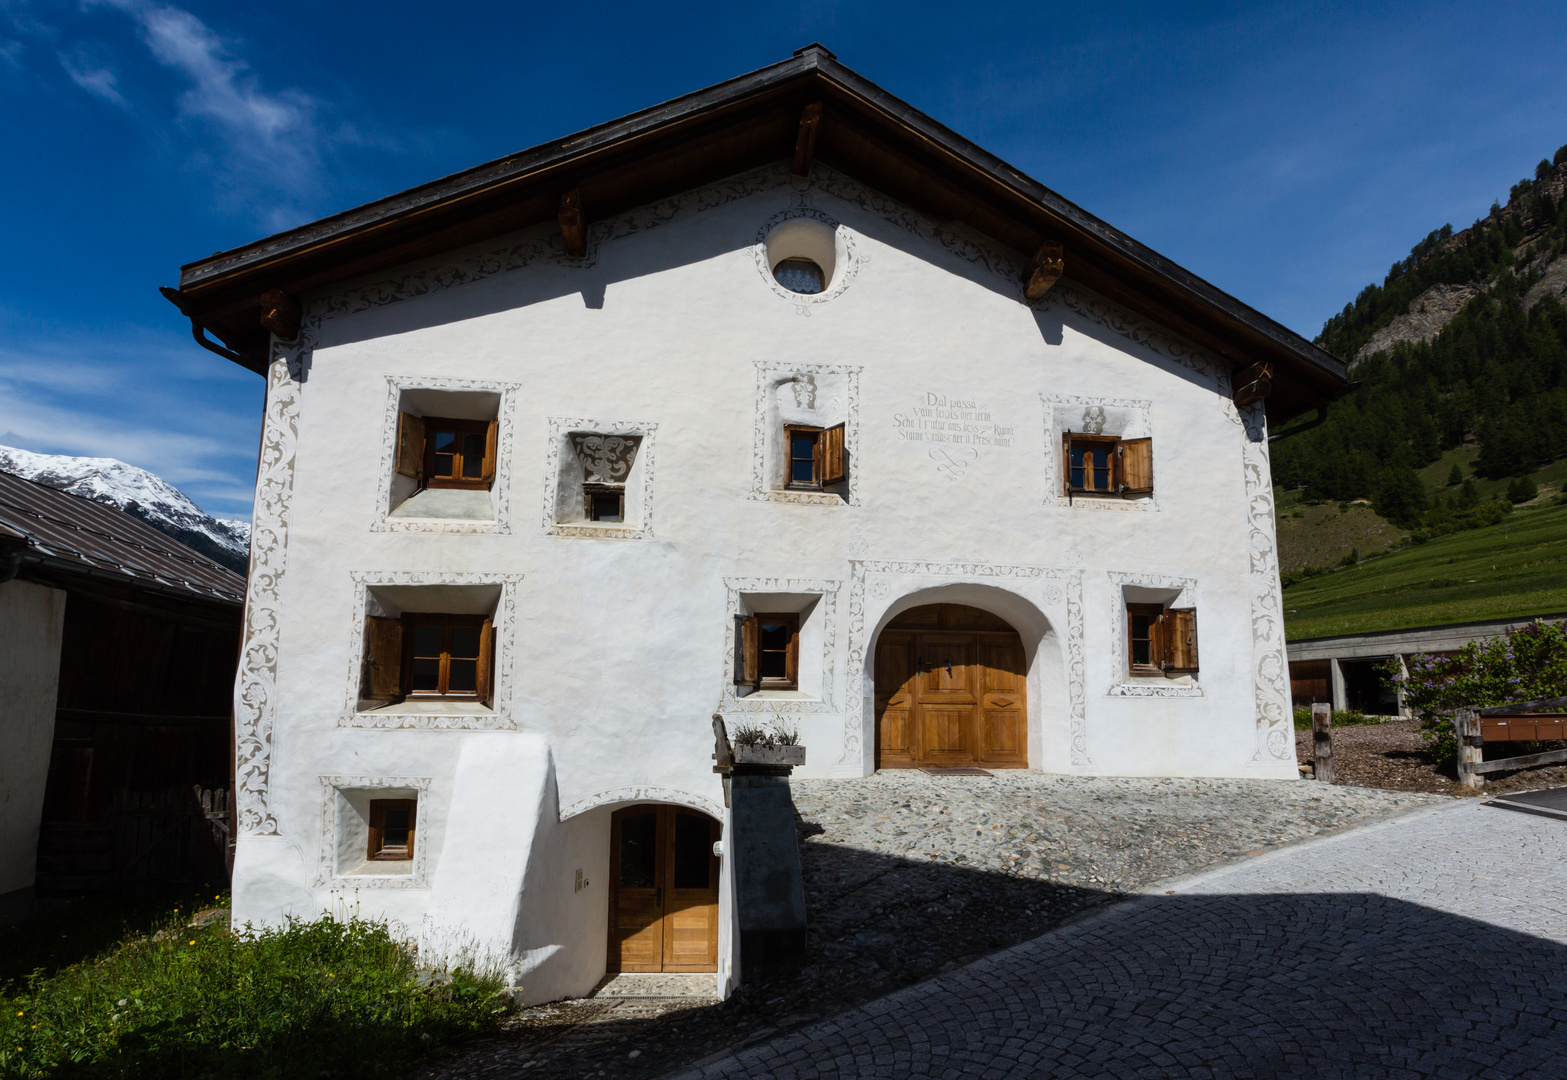 Typisches Engadiner Haus Ii Foto Bild Europe Schweiz